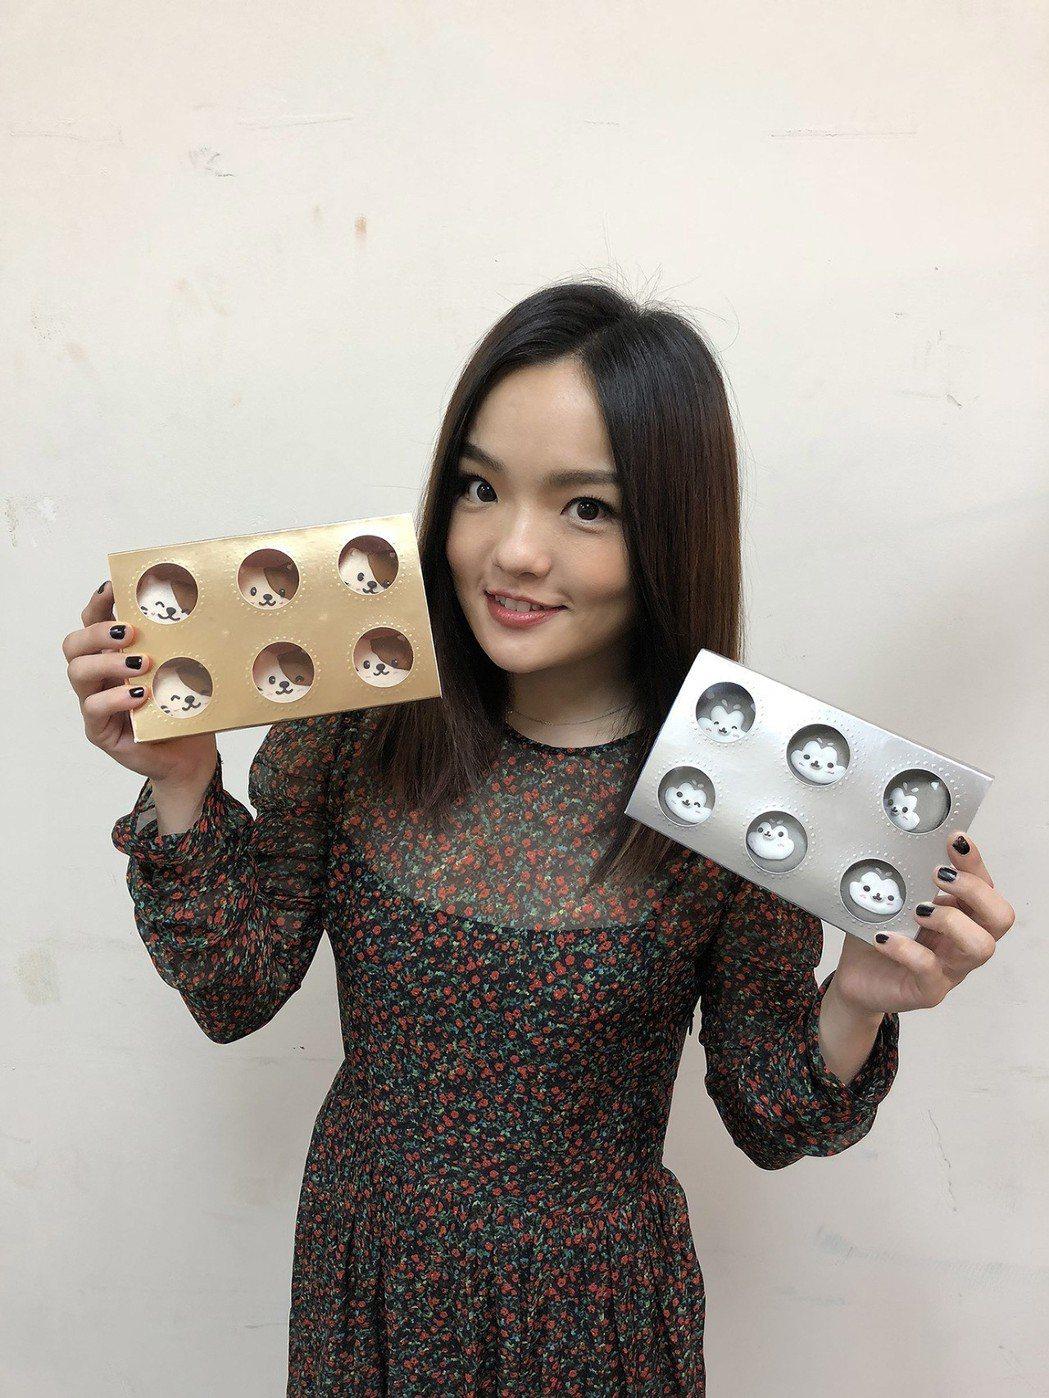 徐佳瑩表示禮盒可以當成最暖心的聖誕禮物。圖/愛最大公益平台提供